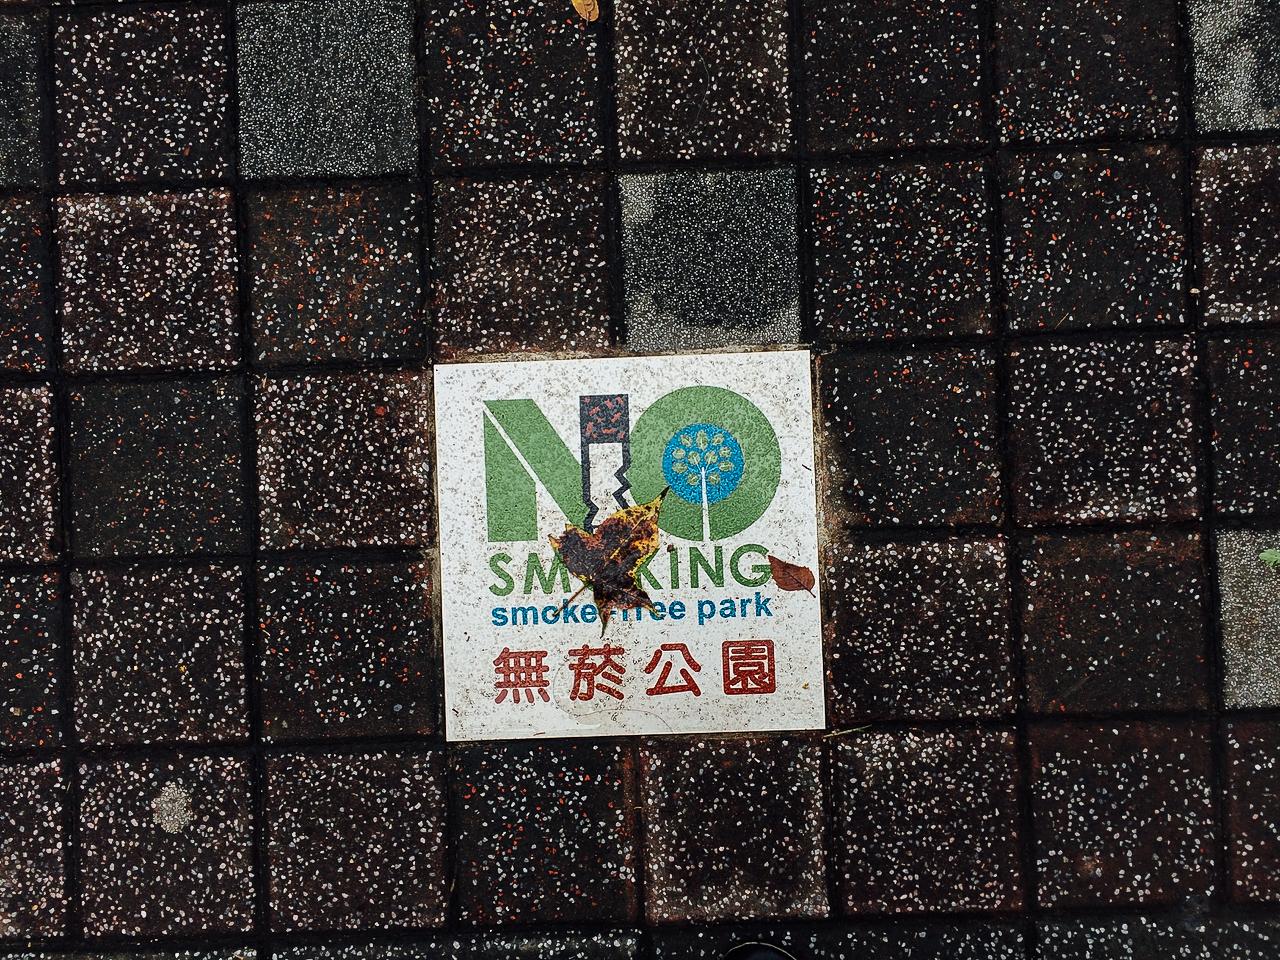 Парк с запретом курения